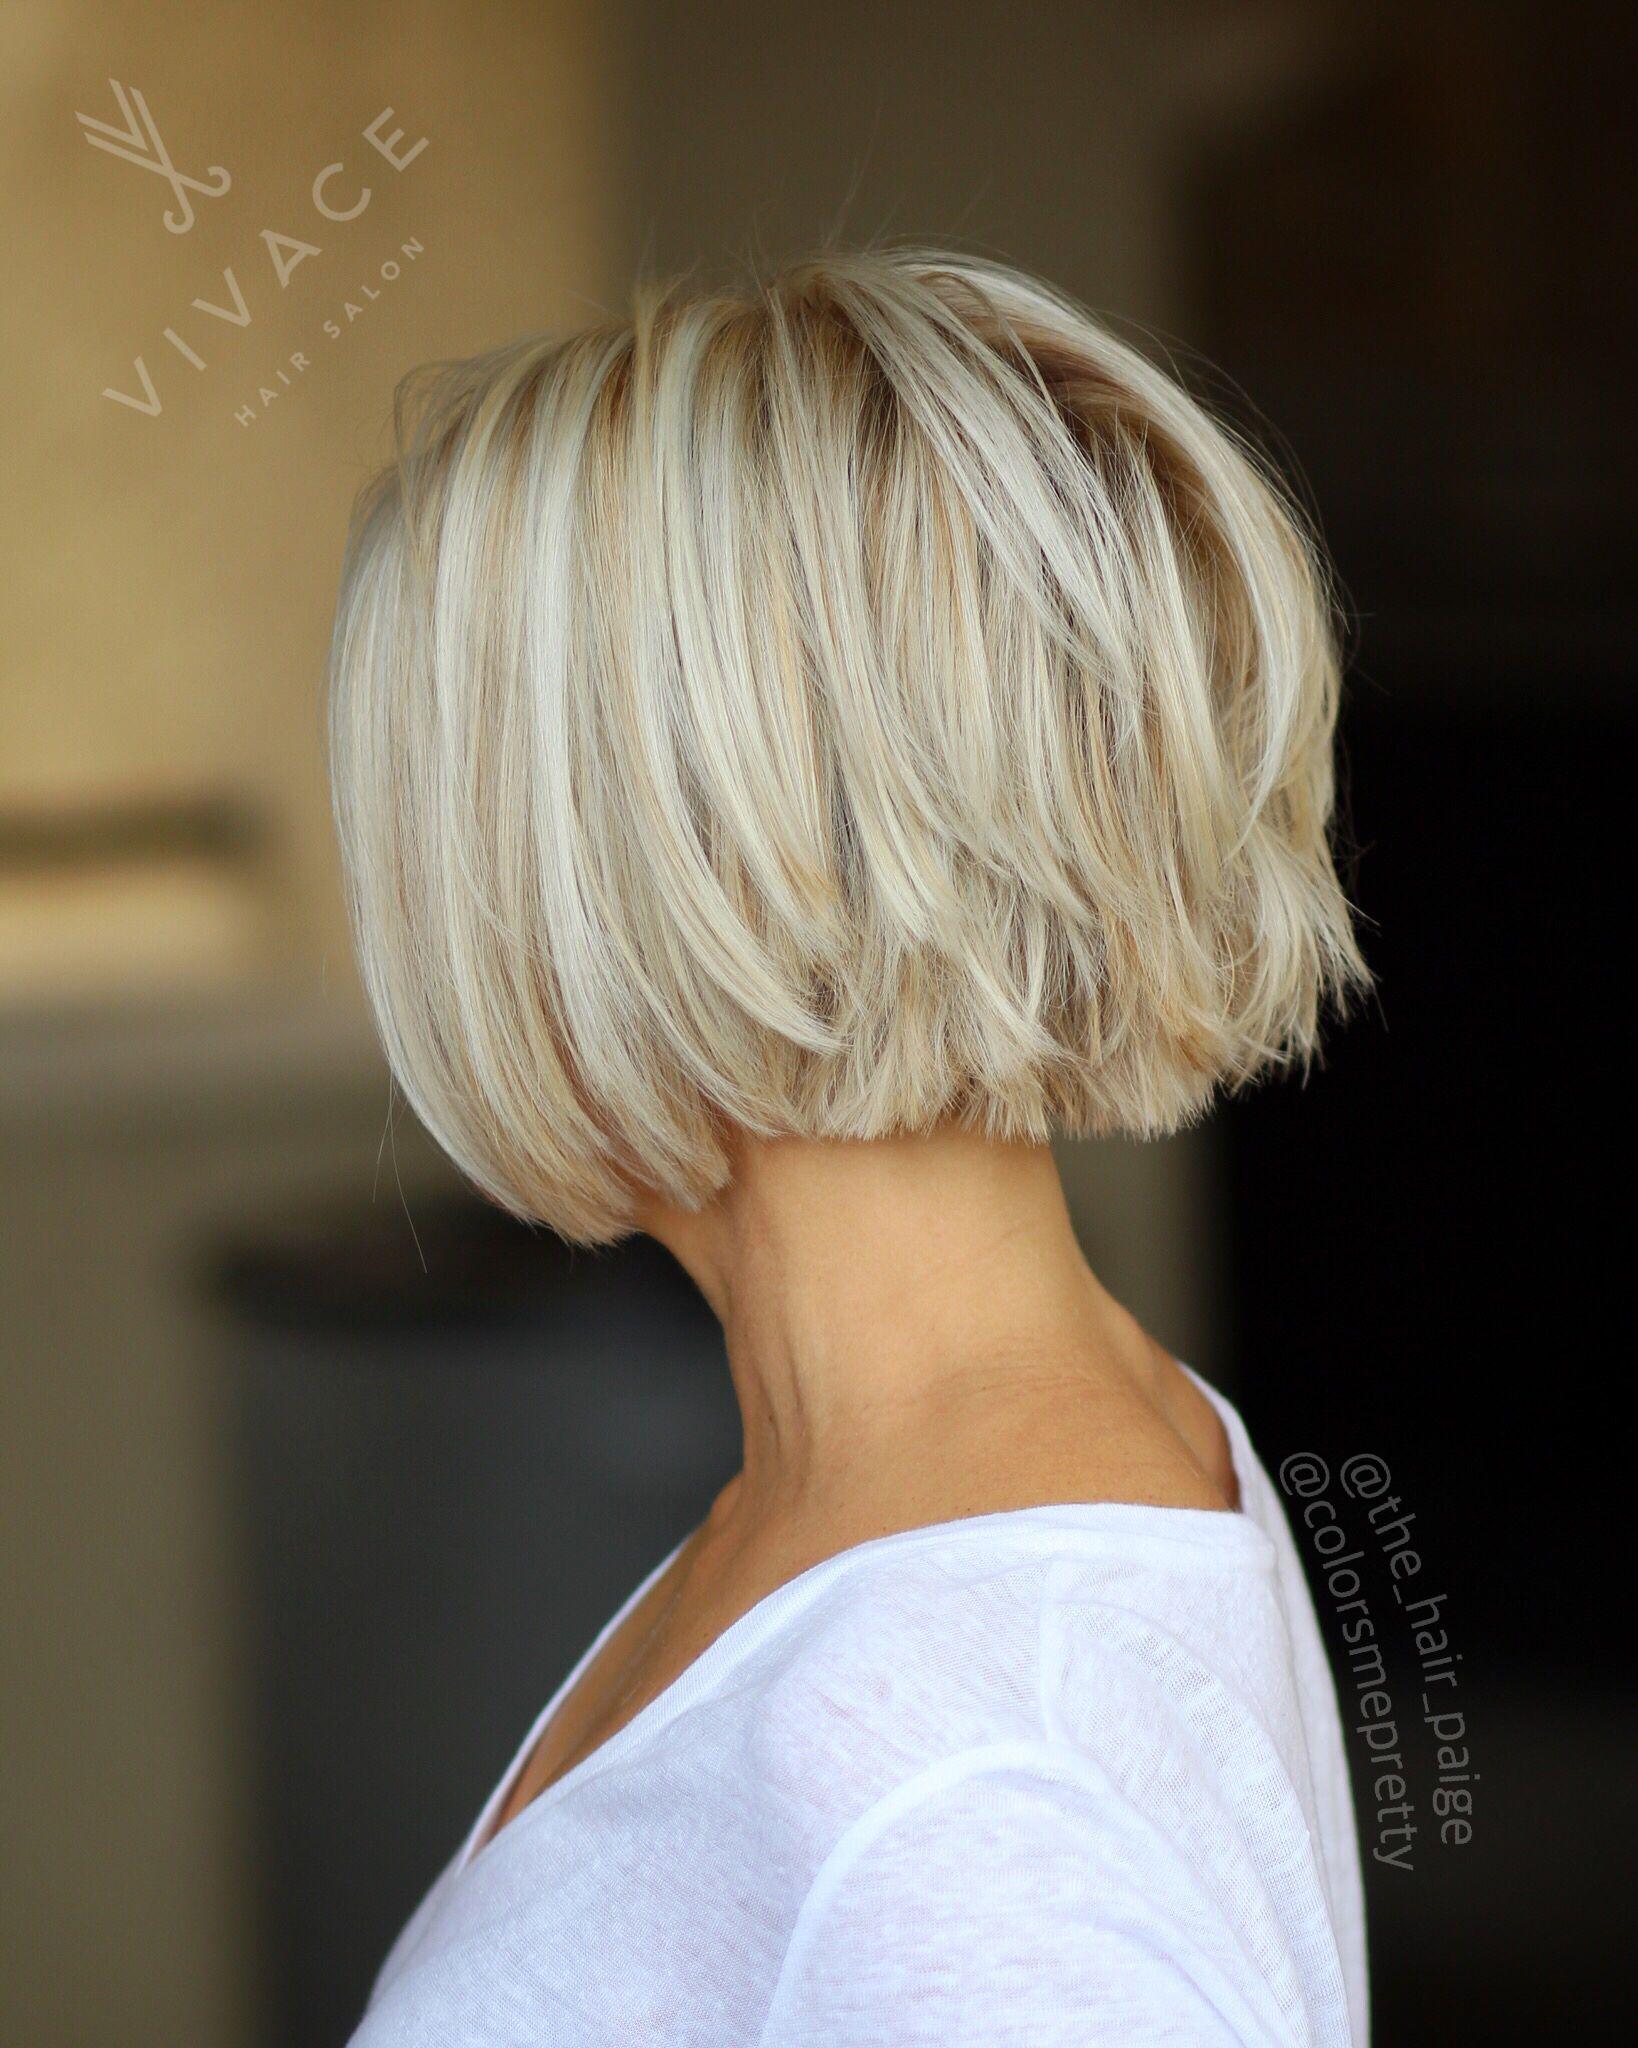 Pin On Vivace Salon Hair Color Balayage Highlights